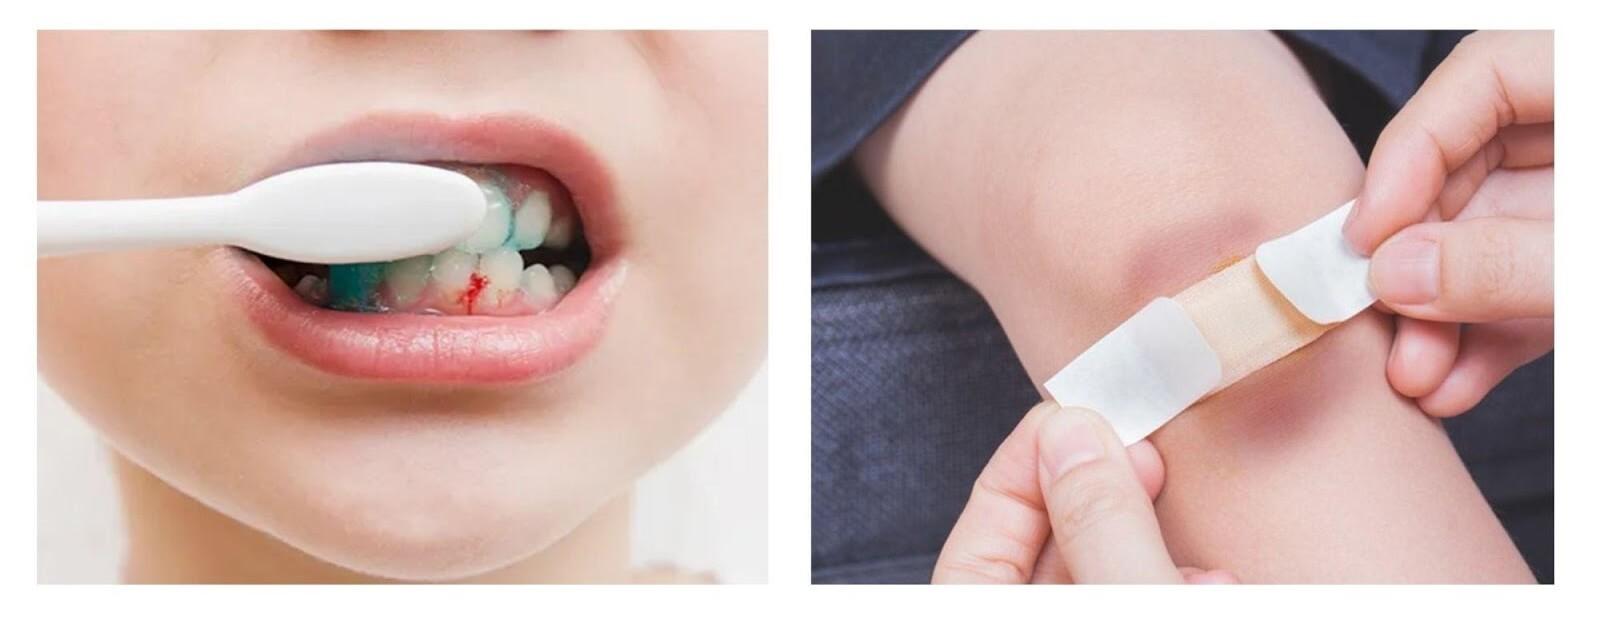 Trẻ thiếu vitamin C thường xuyên bầm tím tay chân và chảy máu chân răng